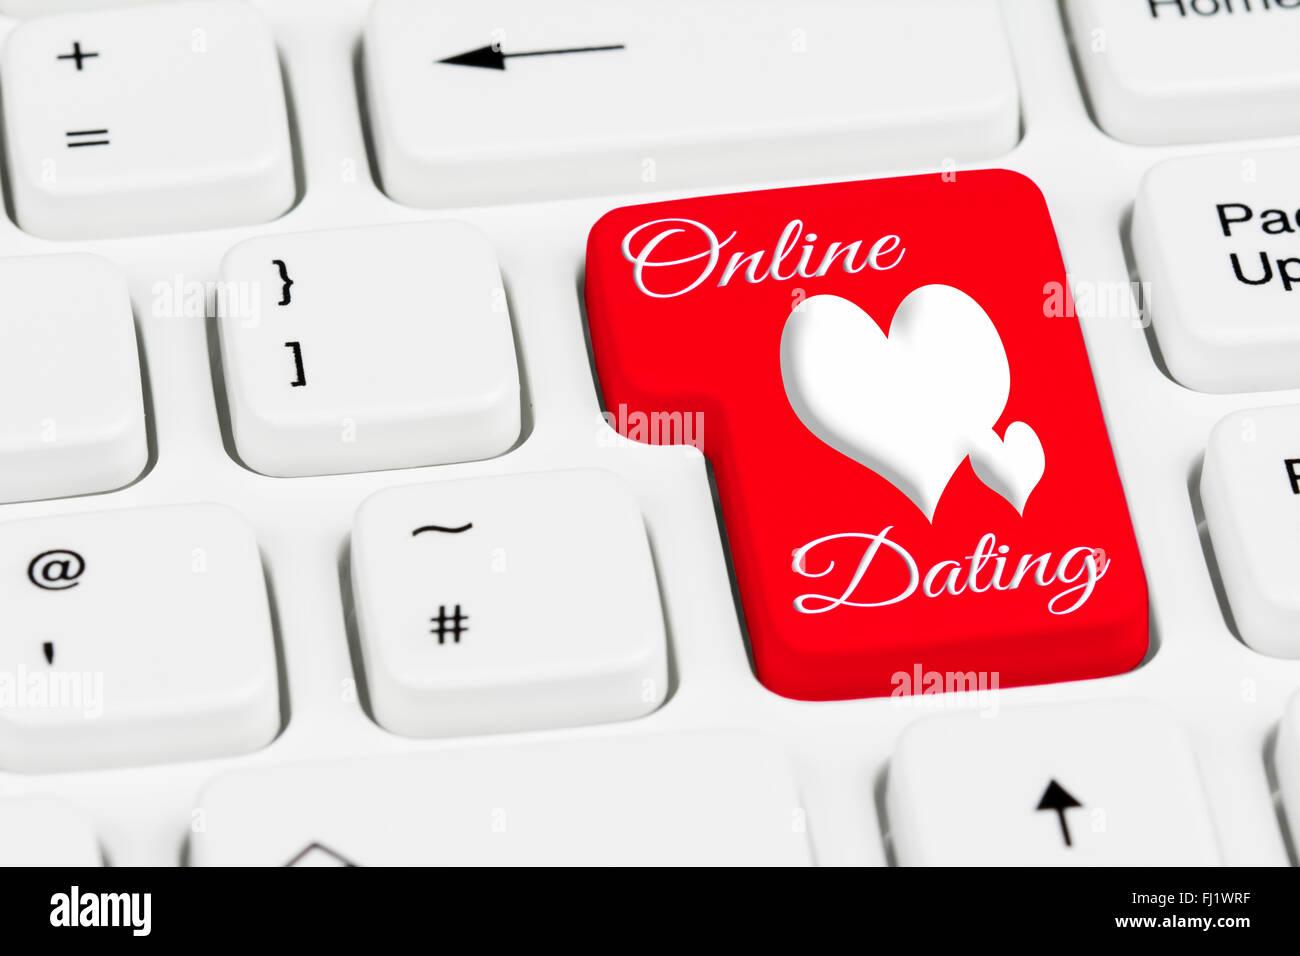 Online dating botón en blanco un teclado de ordenador. Imagen De Stock